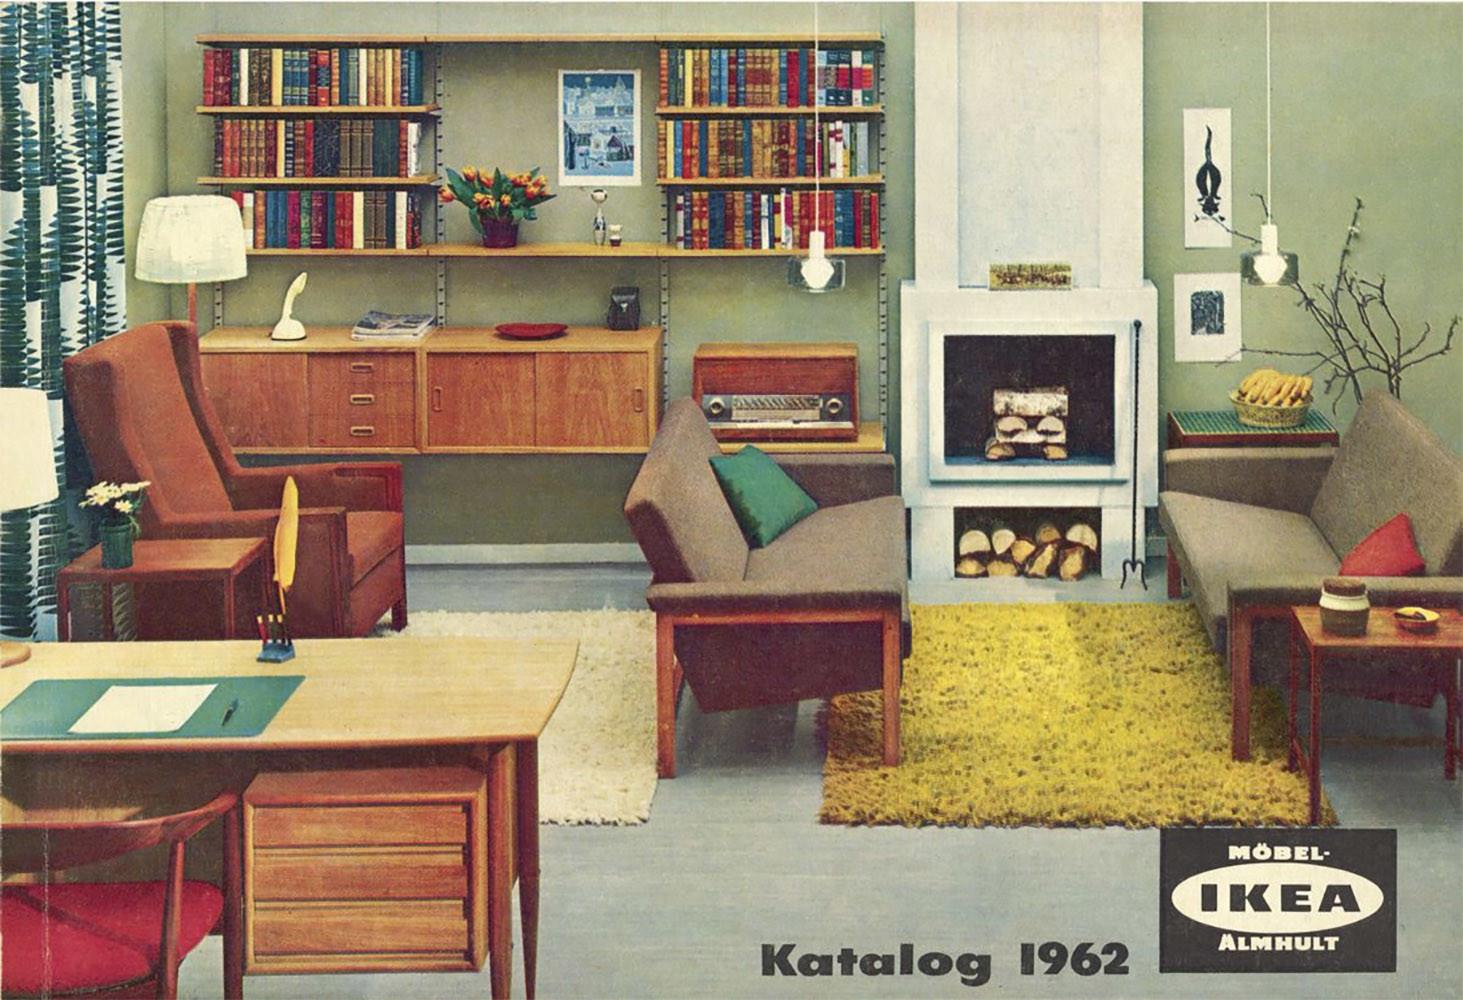 Catálogos de Ikea 1962